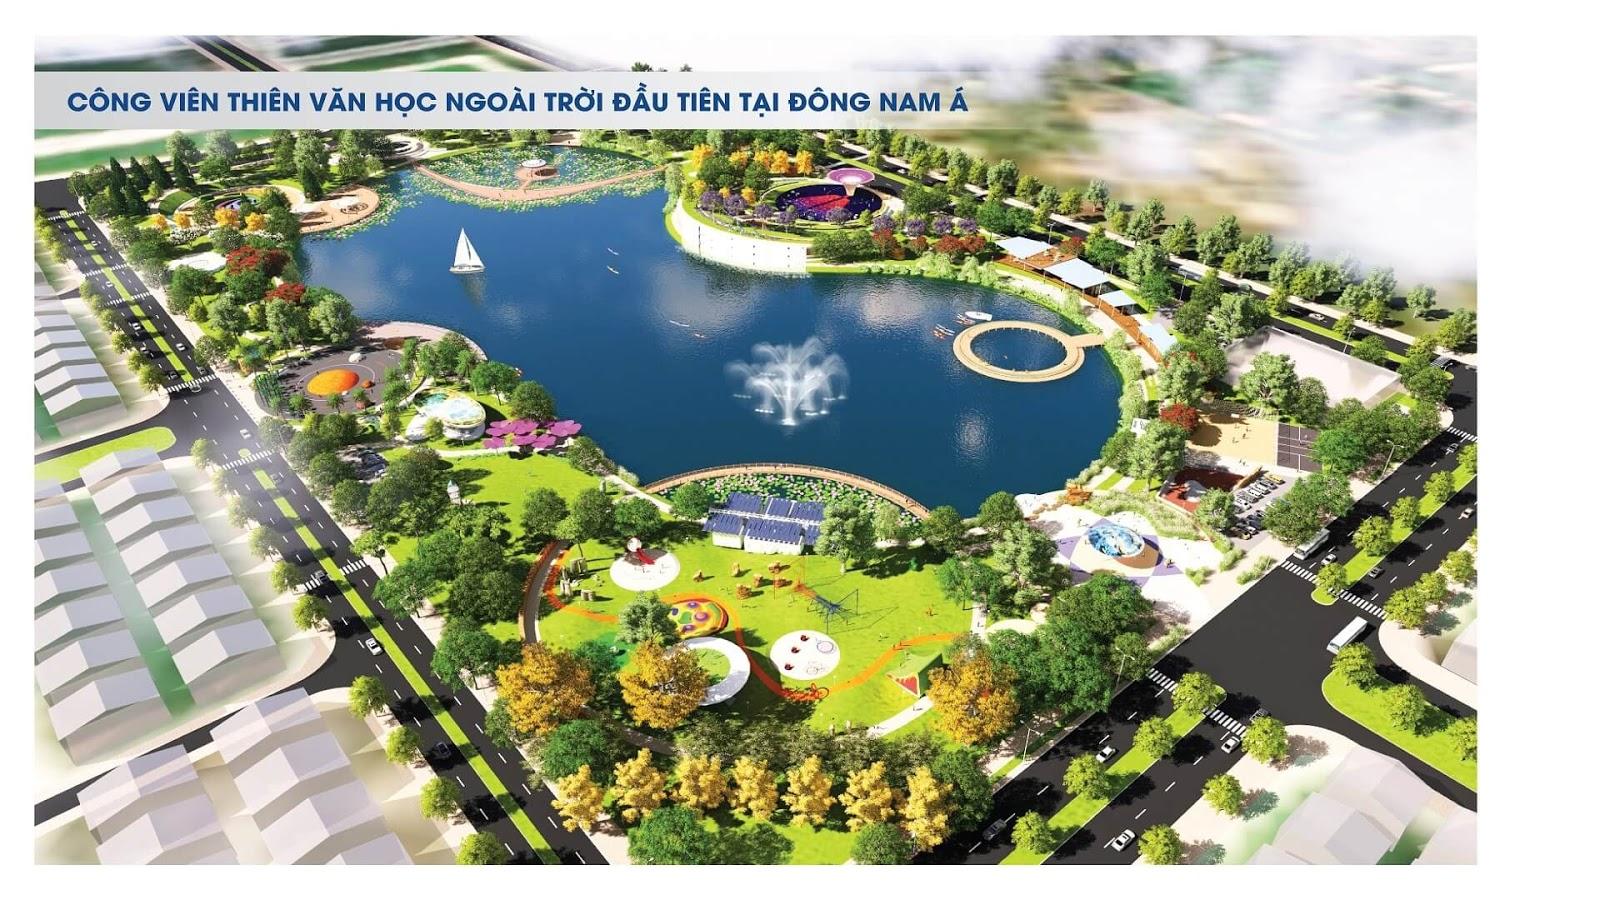 Công viên hồ điều hòa Dương Nội.